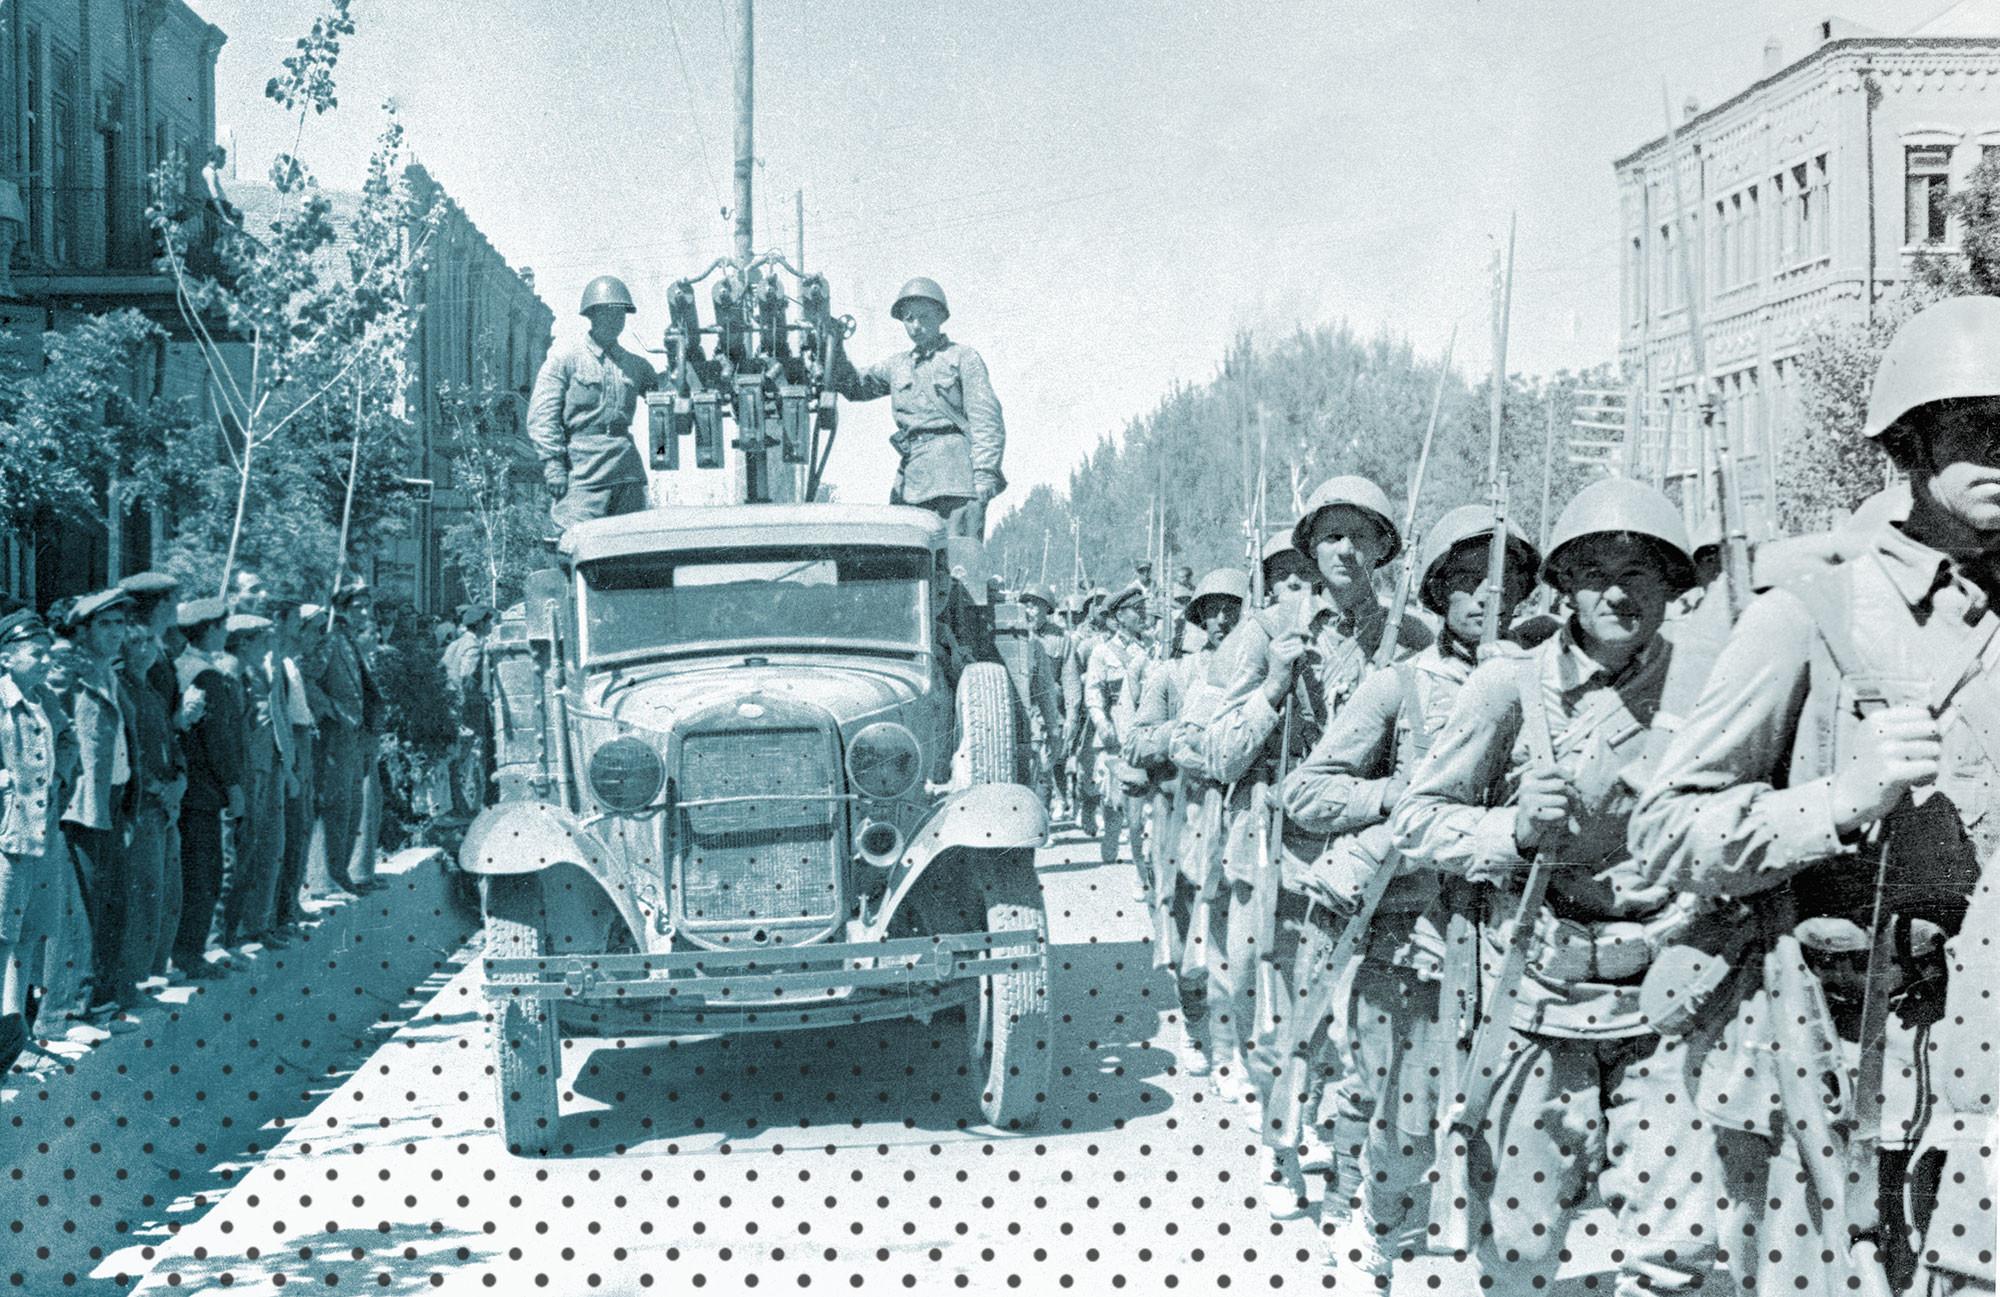 Советские войска вступают в город Тавриз, 26 августа 1941. Фото: © РИА Новости / Дмитрий Минскер